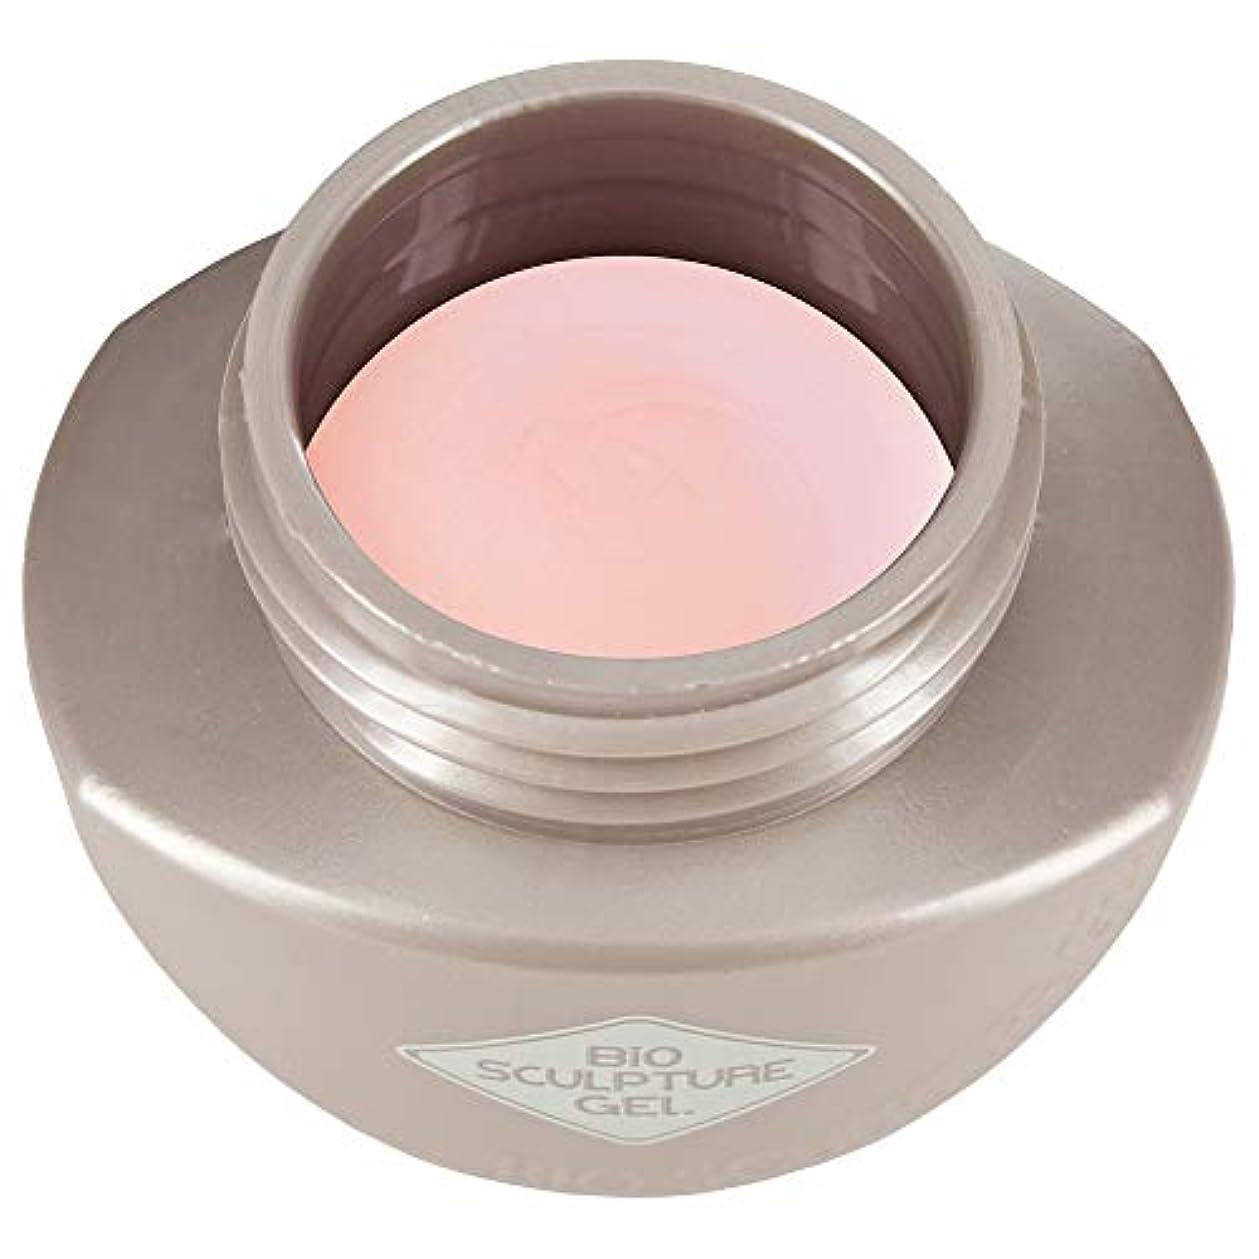 注入する支店やさしいBio Sculpture カラージェル #218 4.5g Shimmering Joy UV/LED対応タイオウ